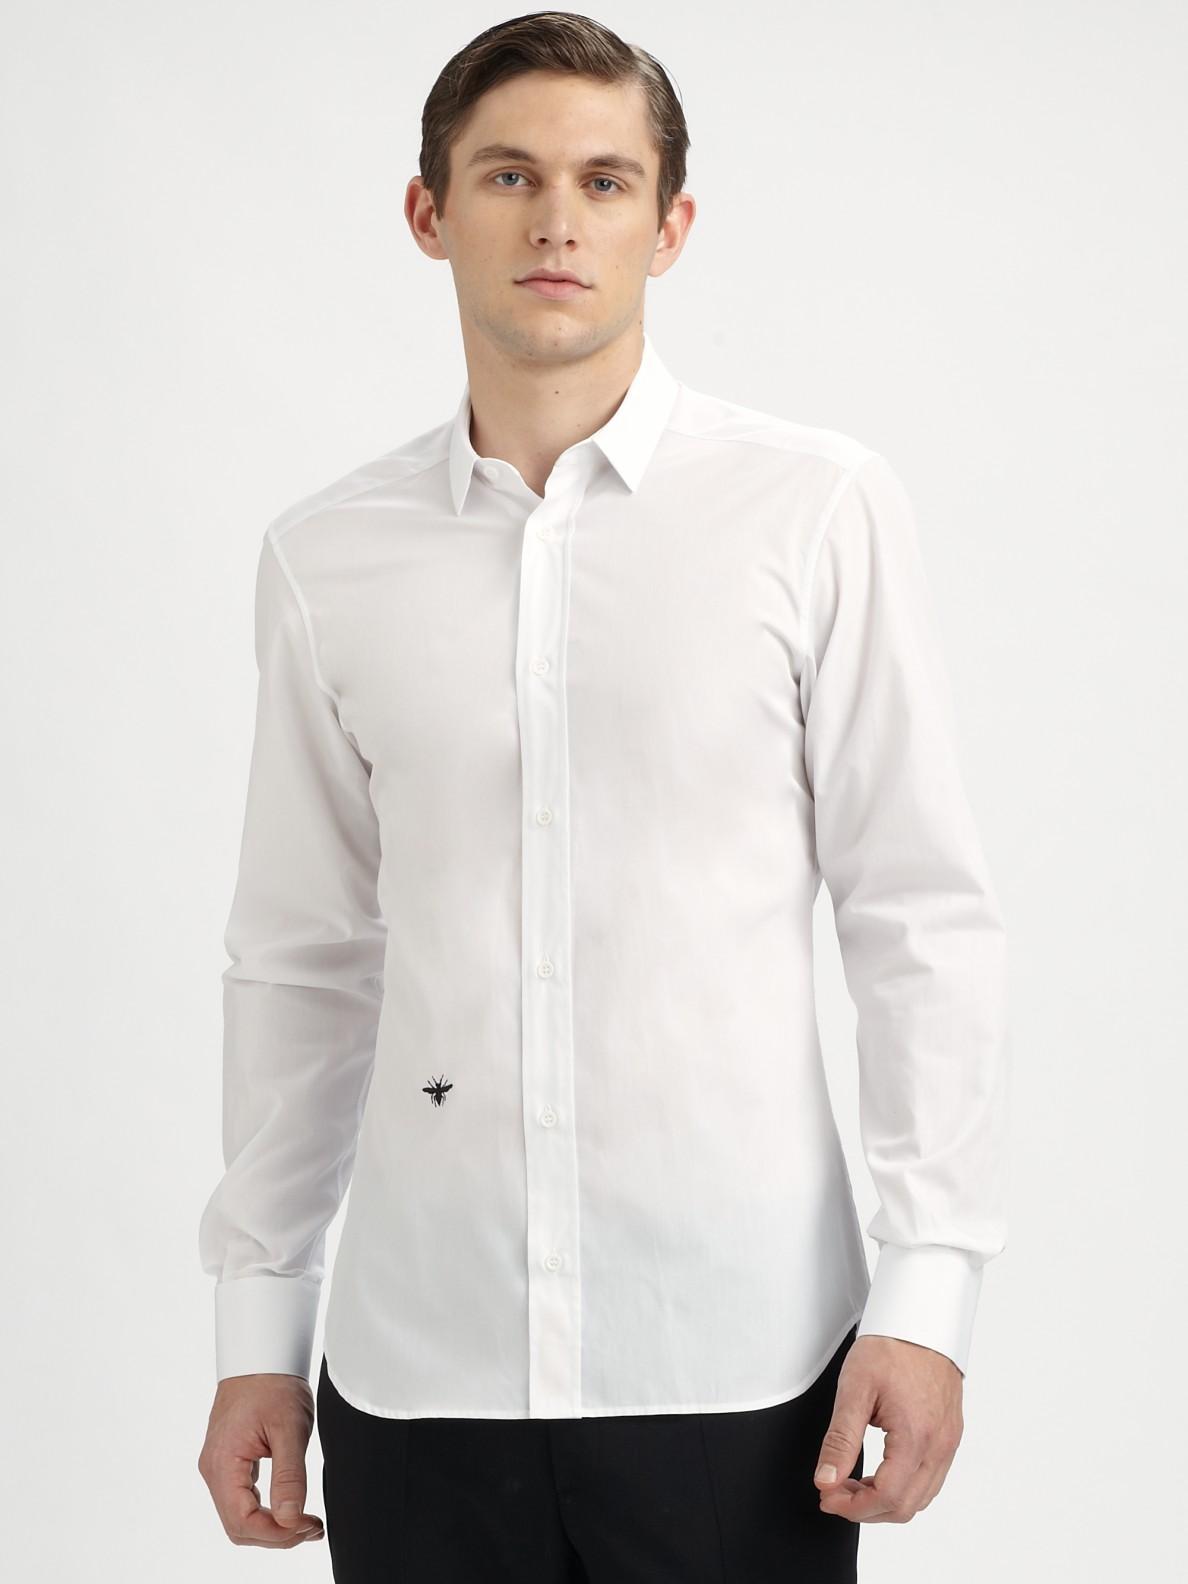 Dior Homme Poplin Dress Shirt in White for Men   Lyst